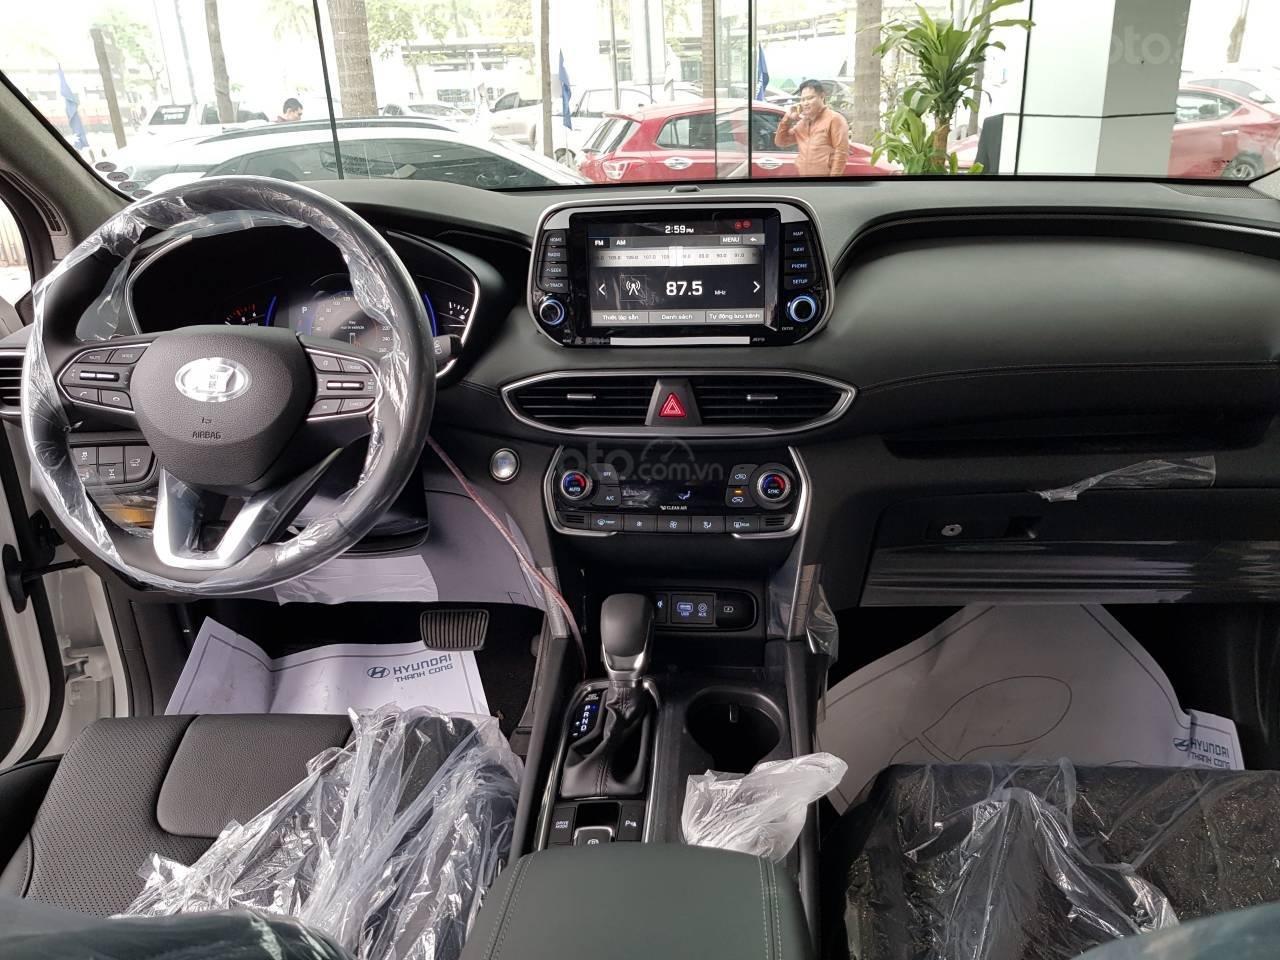 Hyundai Santa Fe 2019, giao xe ngay, khuyến mại cực cao, liên hệ ngay: 0981476777 để ép giá và nhận ưu đãi-5